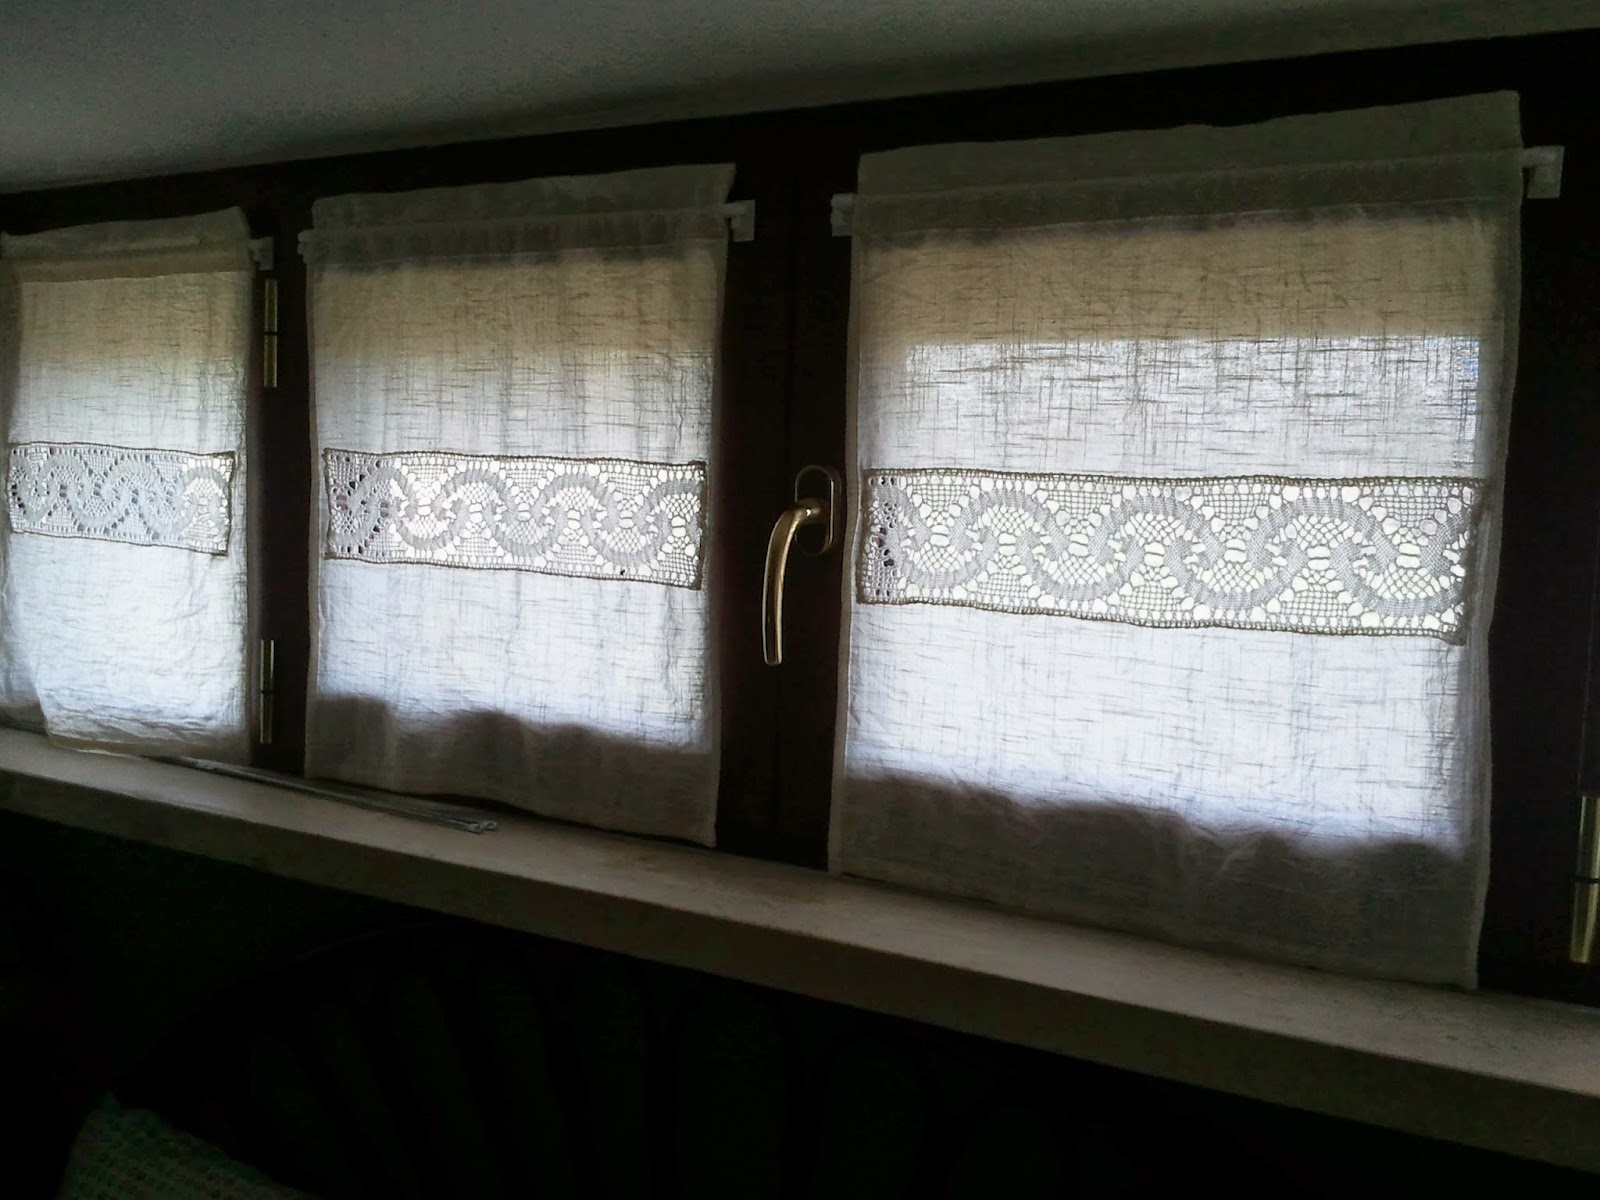 Tende per finestre bagno beautiful finestra bagno villaggio baia